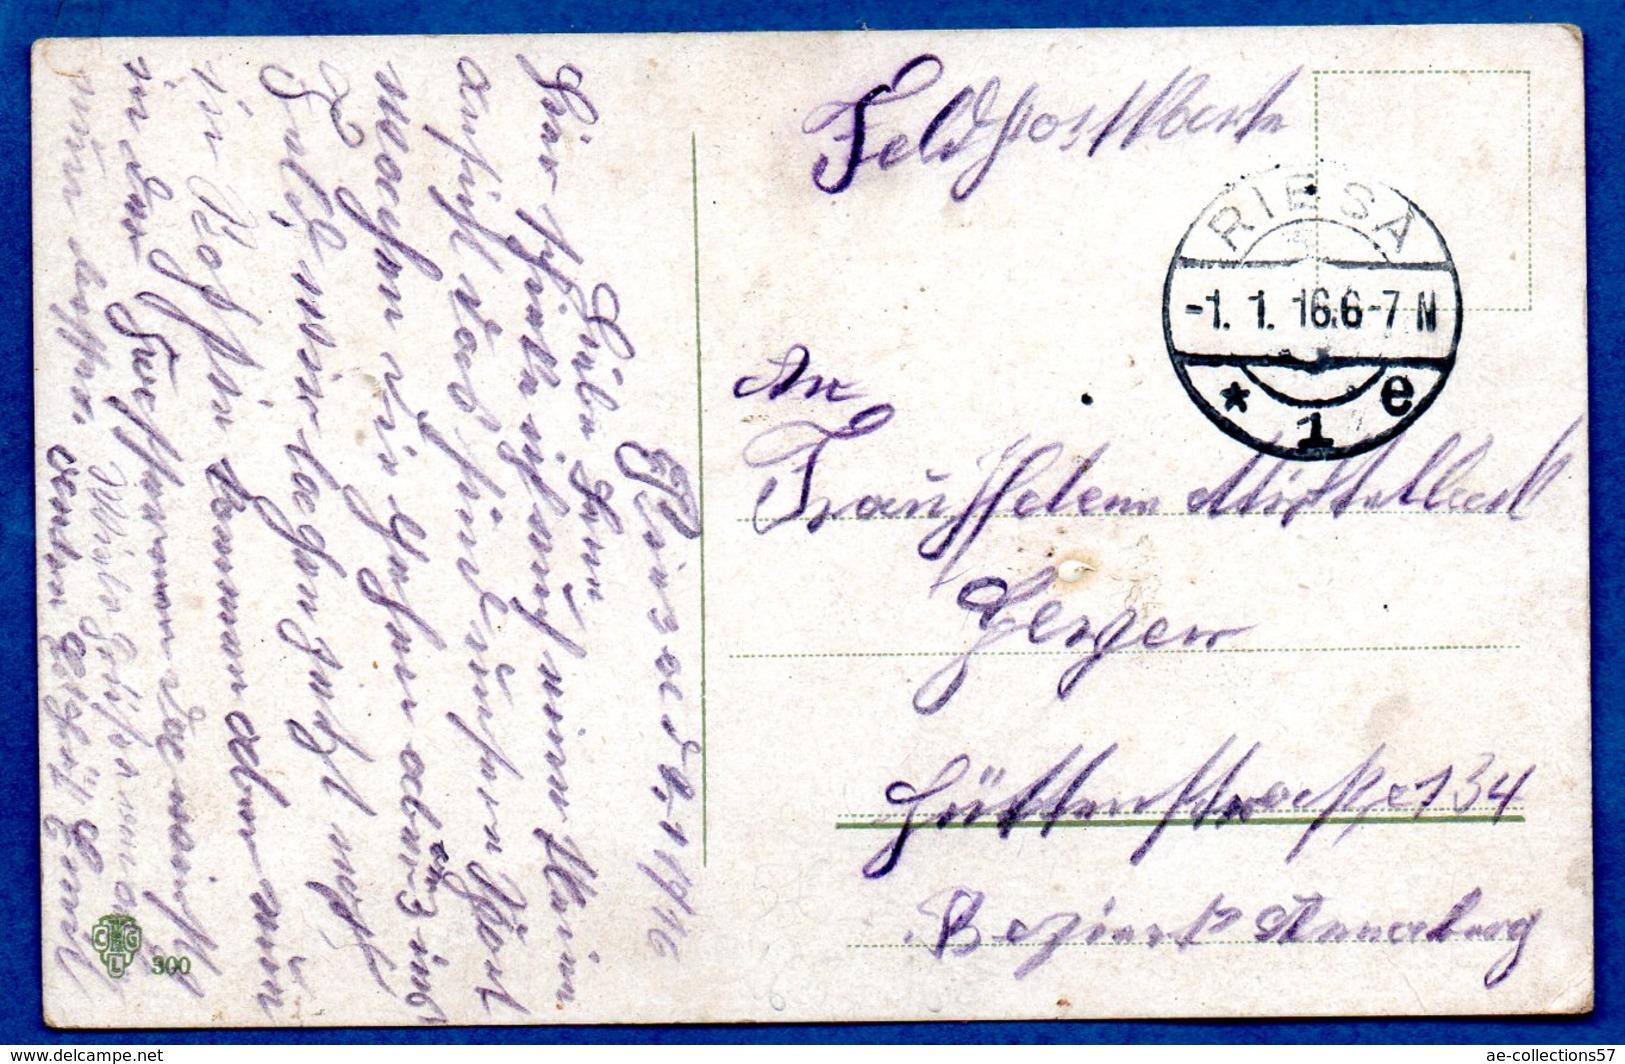 Artillerie Zieht Am Obersten Kriegsherrn Vorbei  -  Cachet Riesa 1/1/1916 - War 1914-18